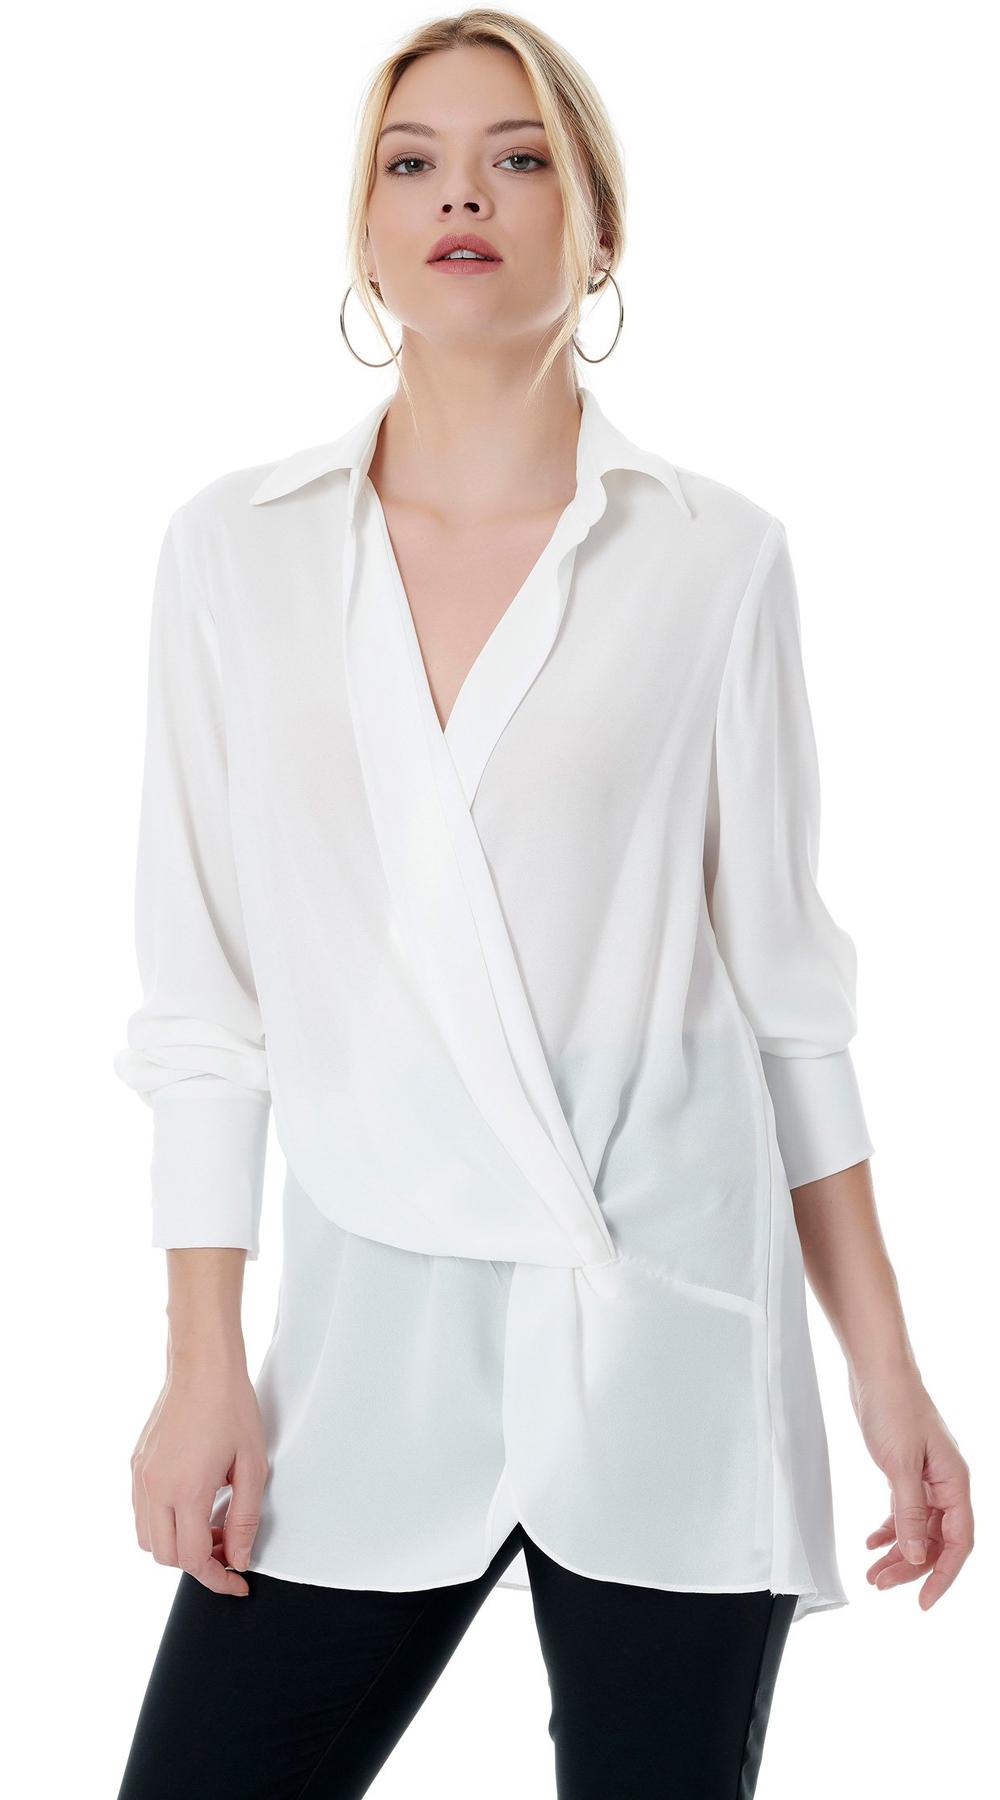 Κρουαζέ Πουκαμίσα-Μπλούζα ONLINE - ONLINE - FA18ON-16100 ενδύματα μπλούζες   t shirts